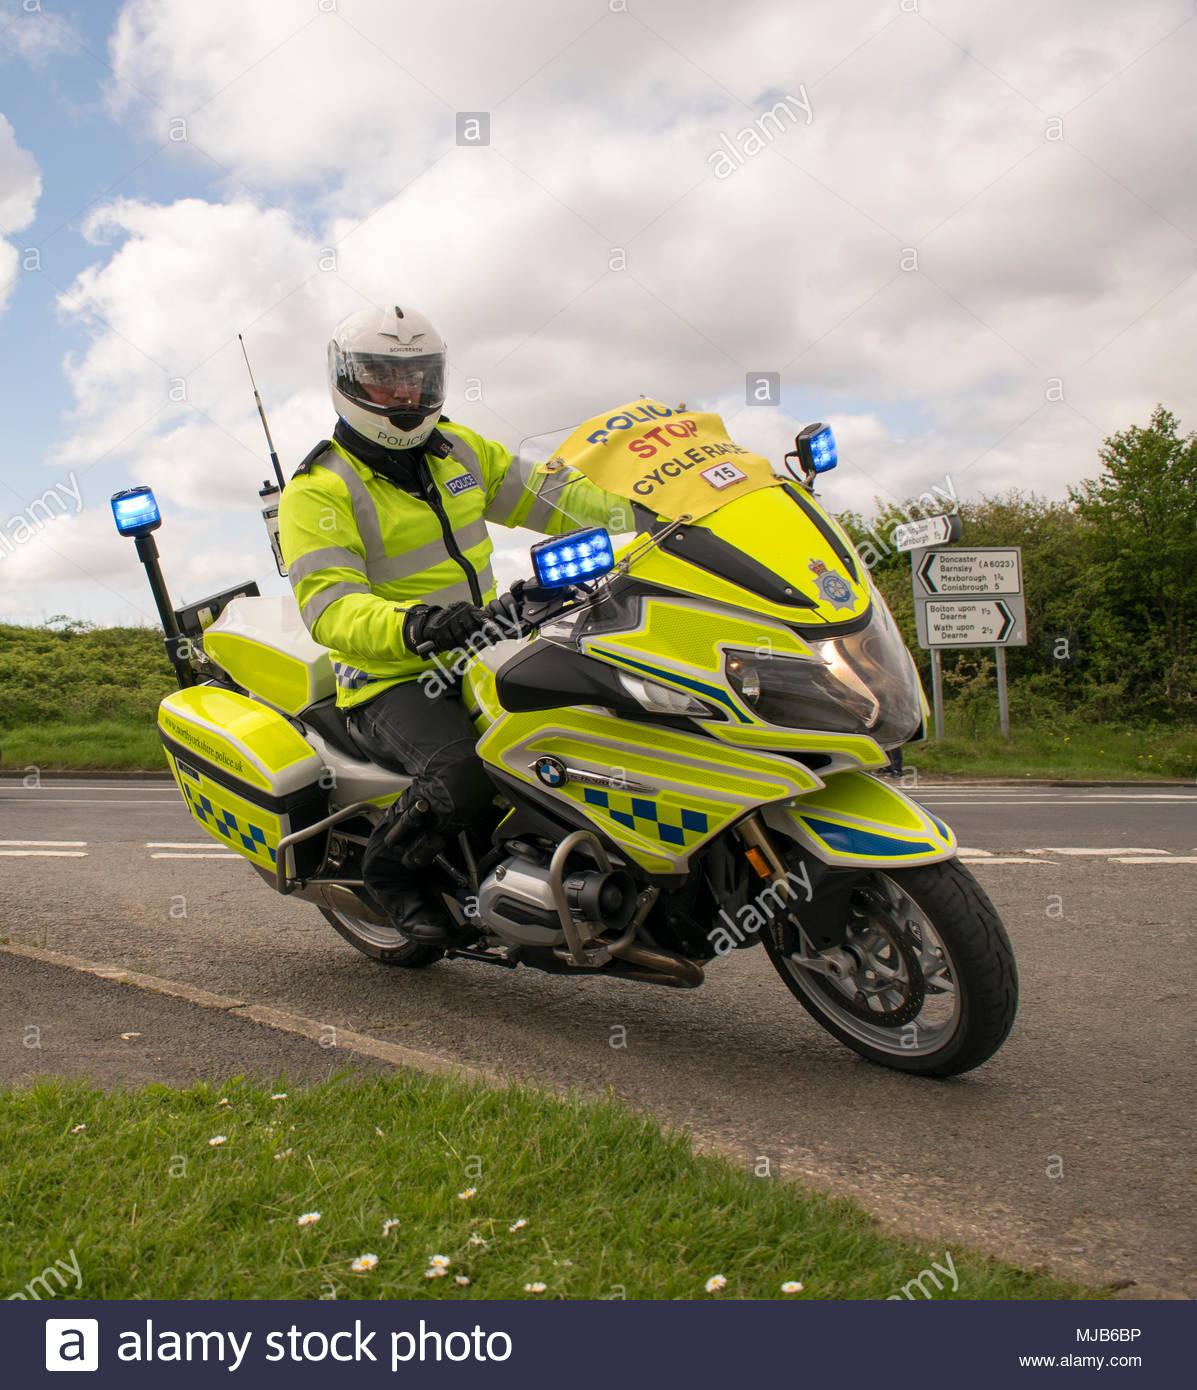 Della polizia britannica il traffico di moto ufficiale con il Tour de Yorkshire 2018 Stadio 2 Donne di gara, a Adwick su Dearne, Mexborough, Doncaster, Sud Yo Immagini Stock